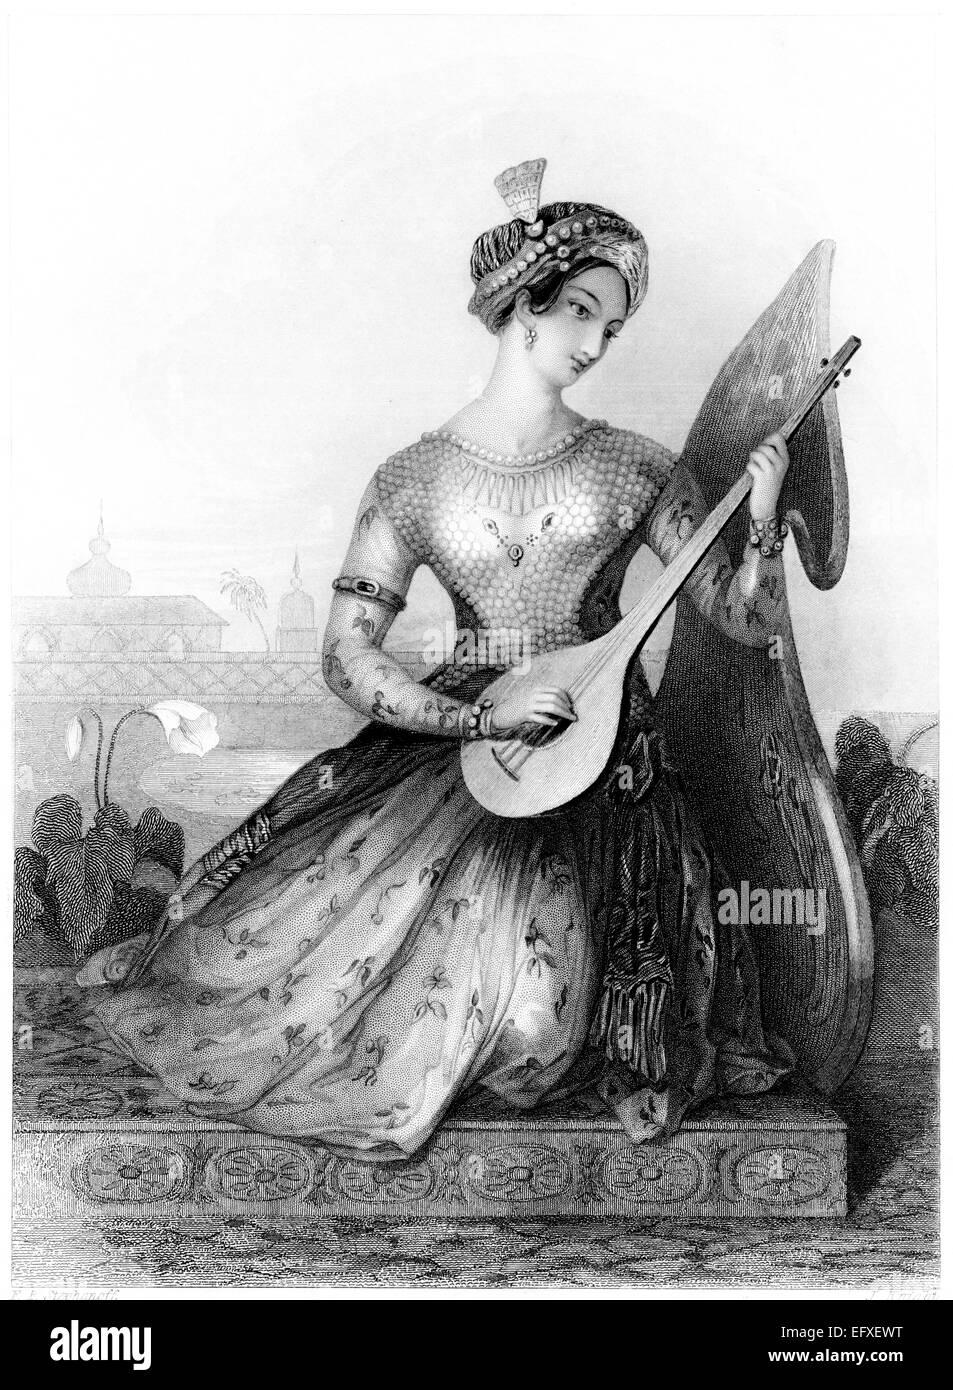 """Eine Gravur mit dem Titel """"The Rajah Tochter"""" mit hoher Auflösung aus einem Buch gescannt, gedruckt Stockbild"""